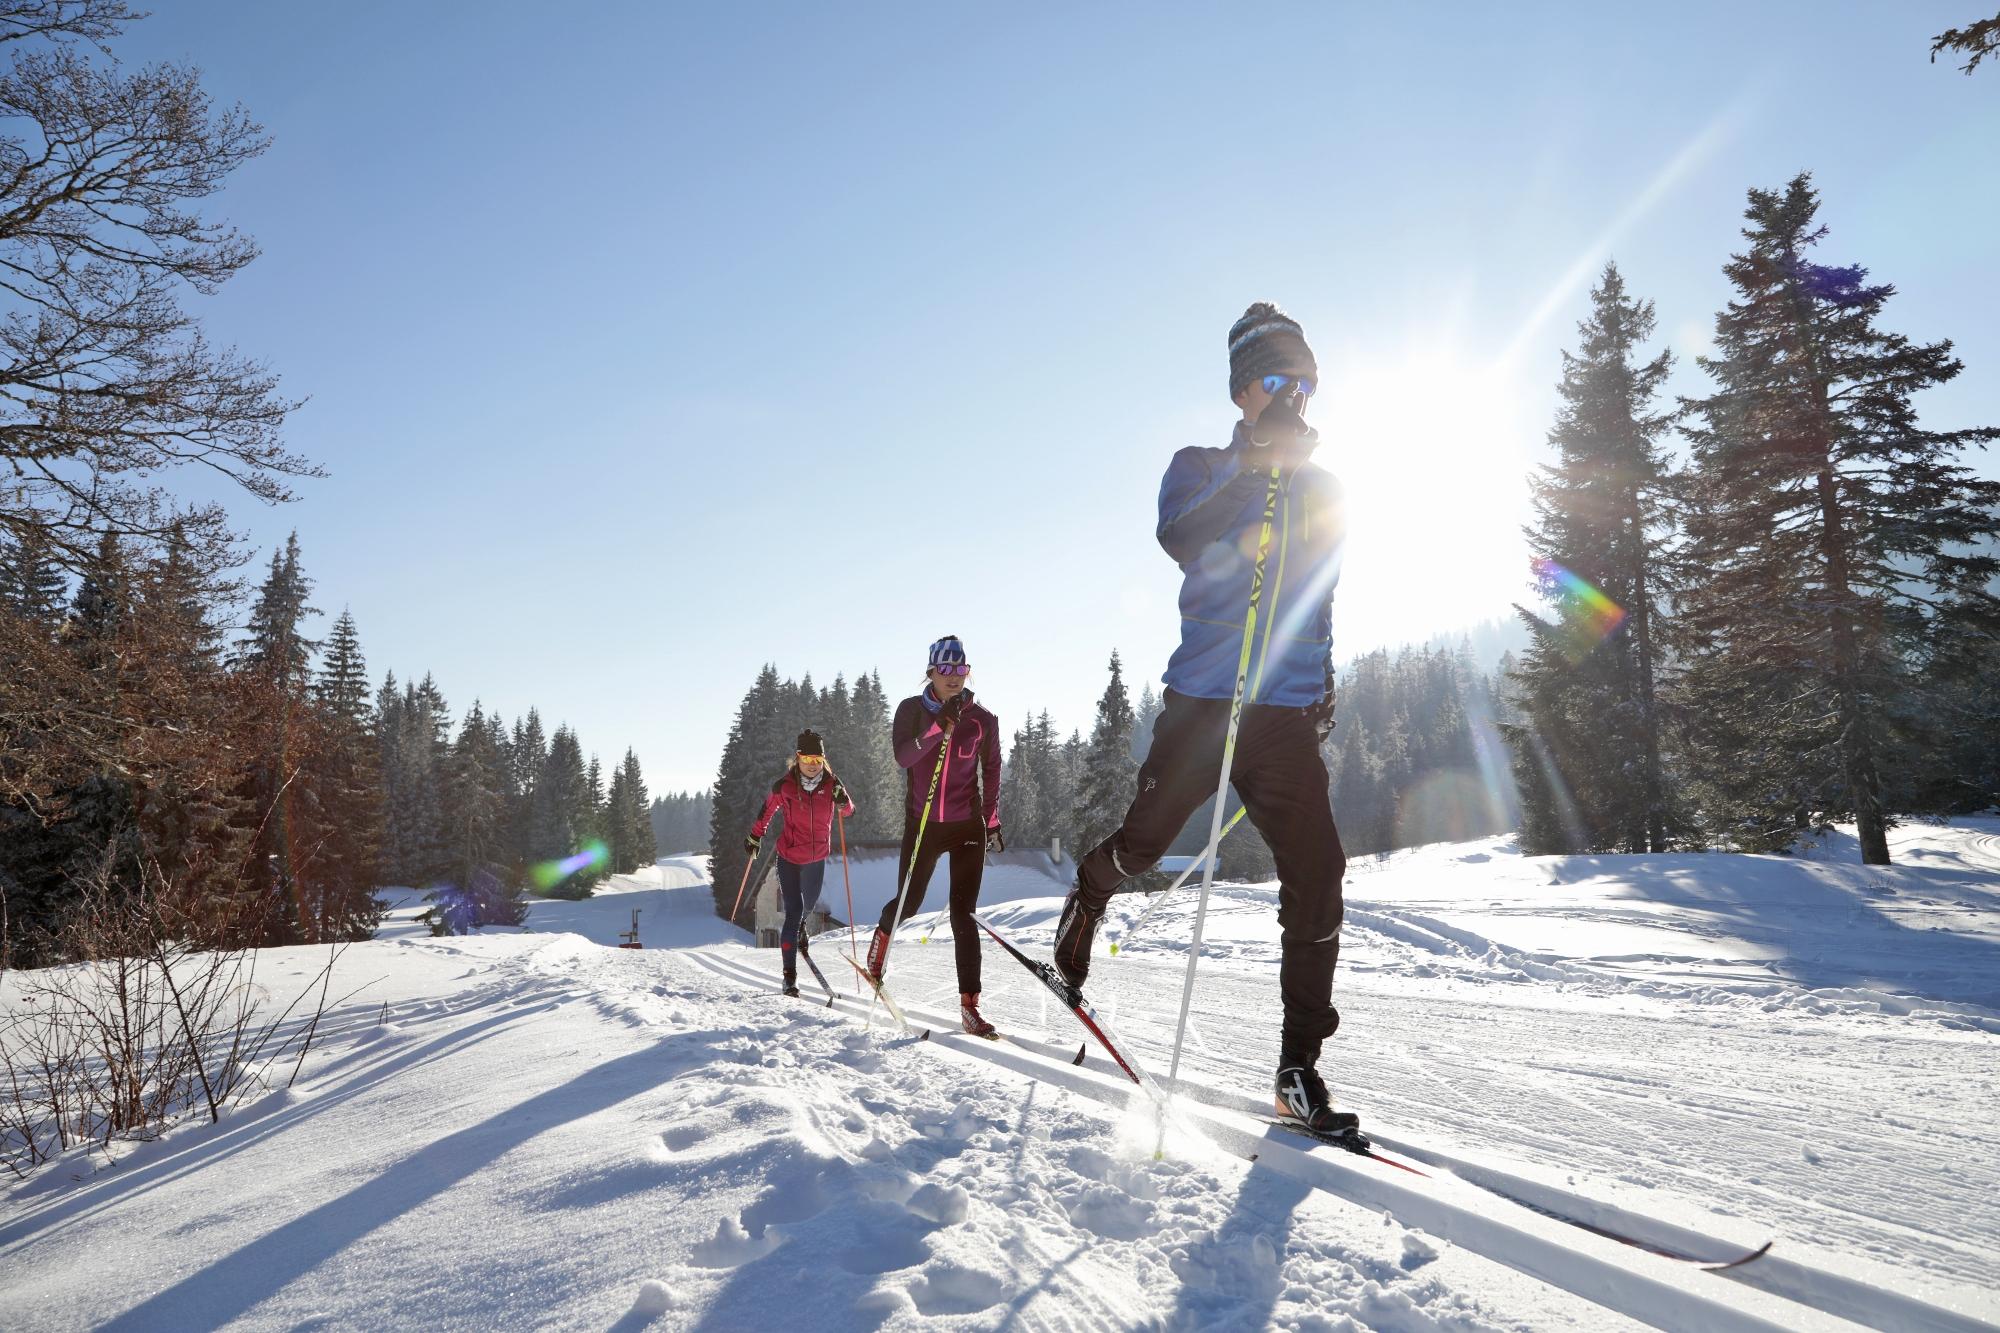 Le ski de fond popularisé par les JO de Grenoble puis la Foulée blanche ©Thomas Hytte